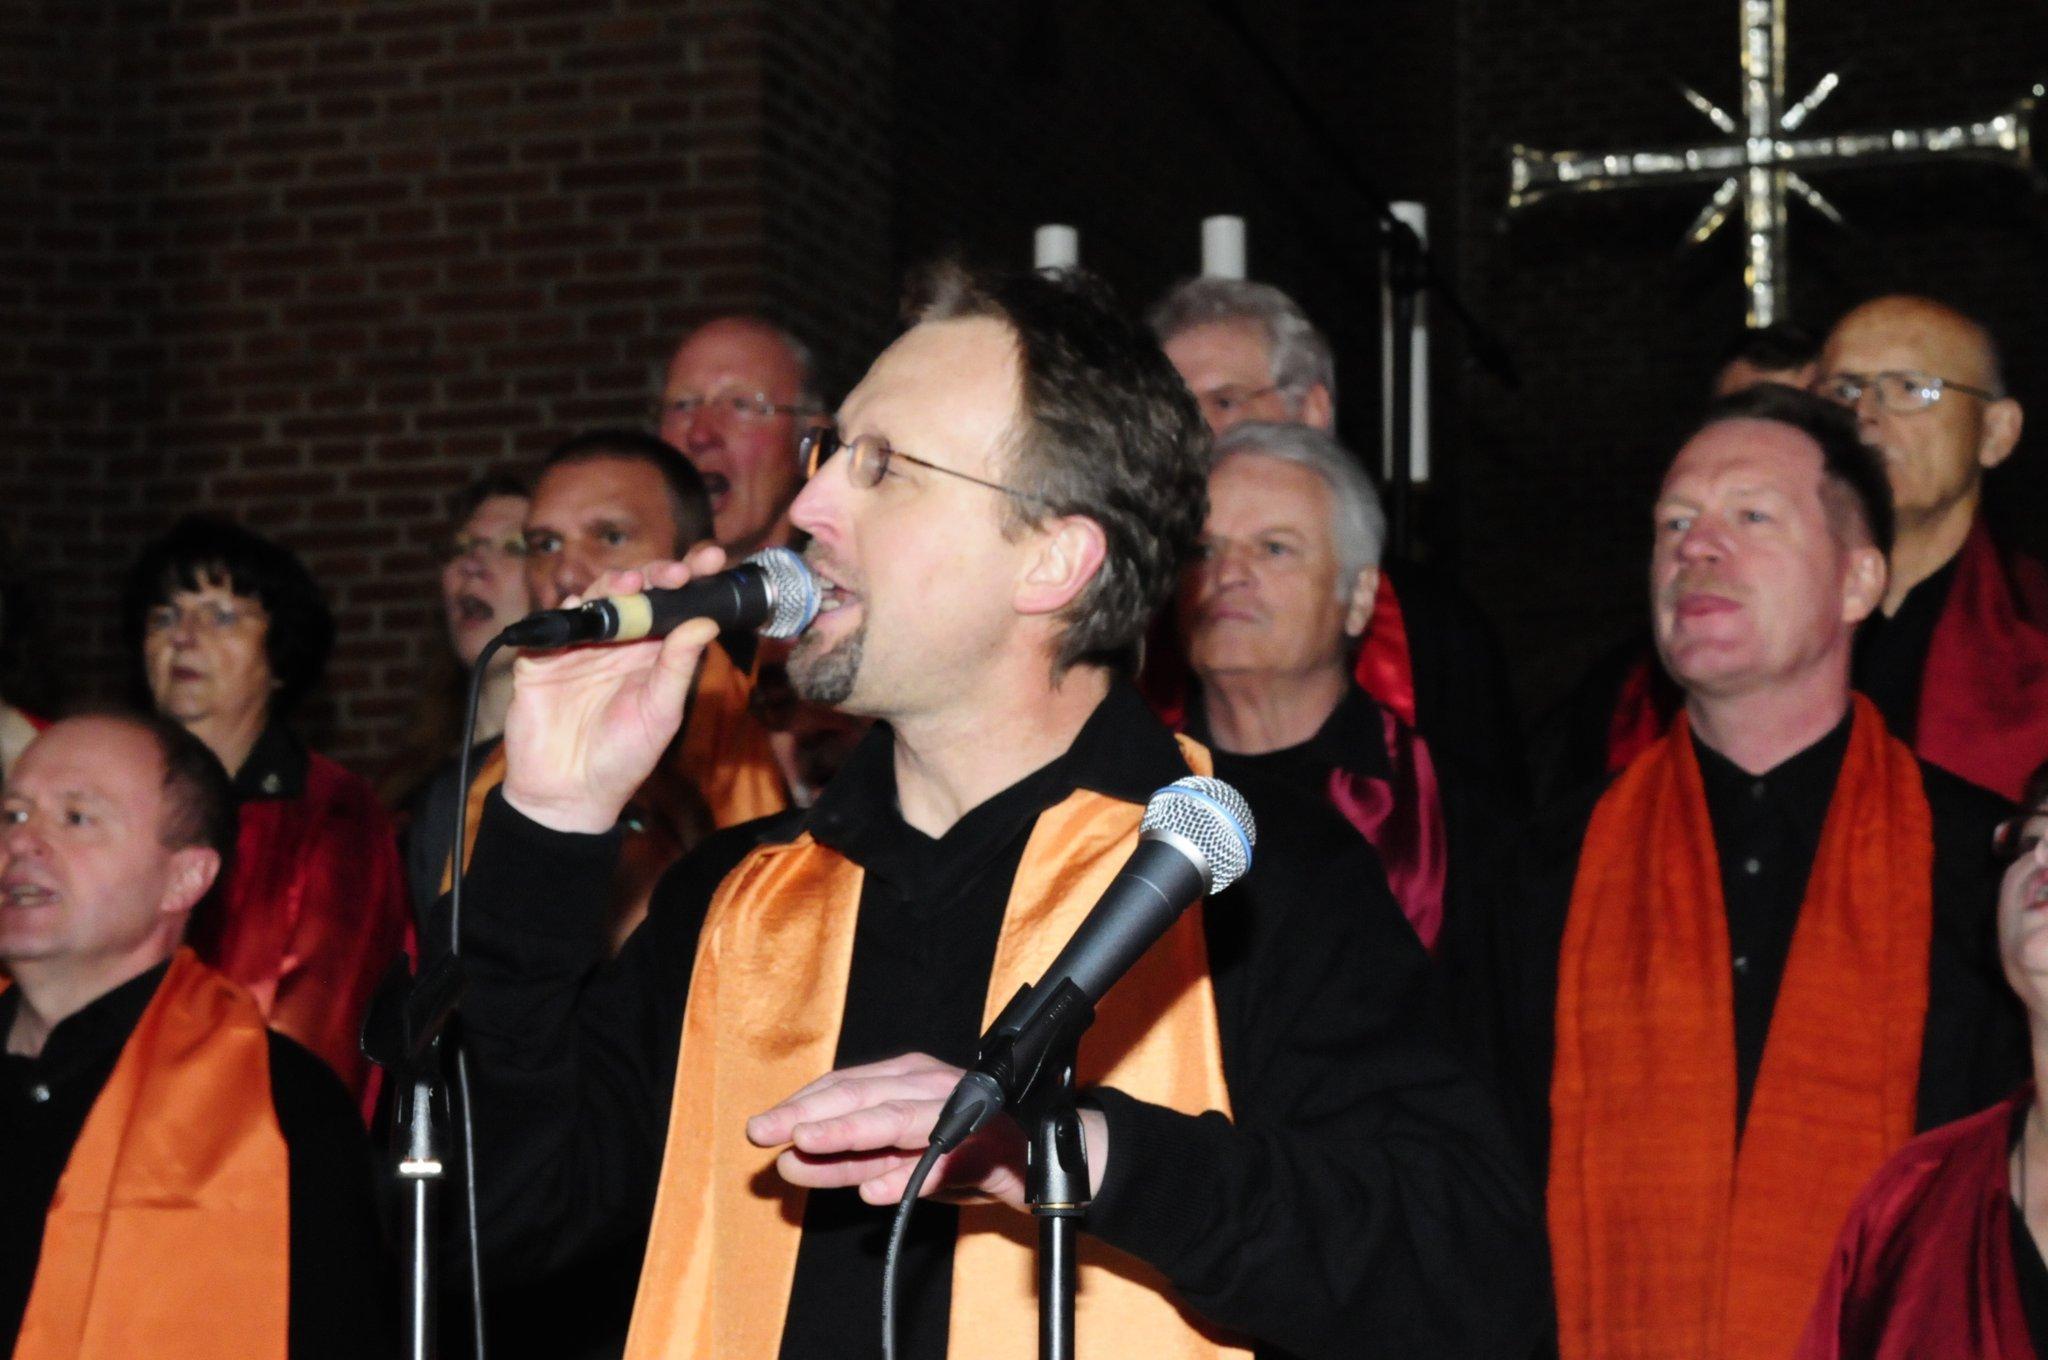 20120422 Reformations Gedaechtniskirche 29